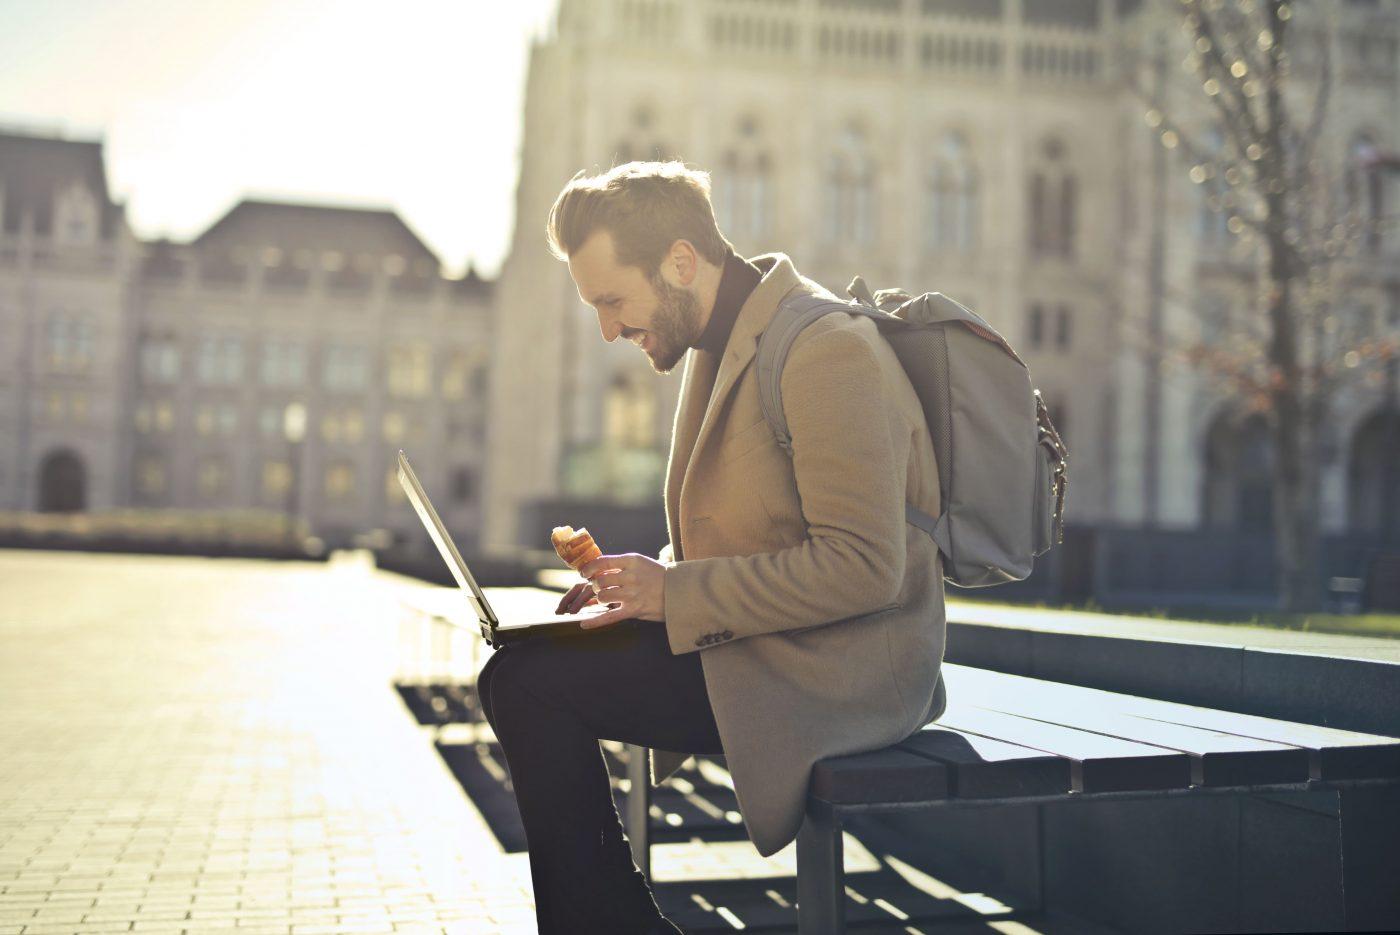 このようにエストニアは政府が主導して国民をデジタルネイティブに育成することに成功した。